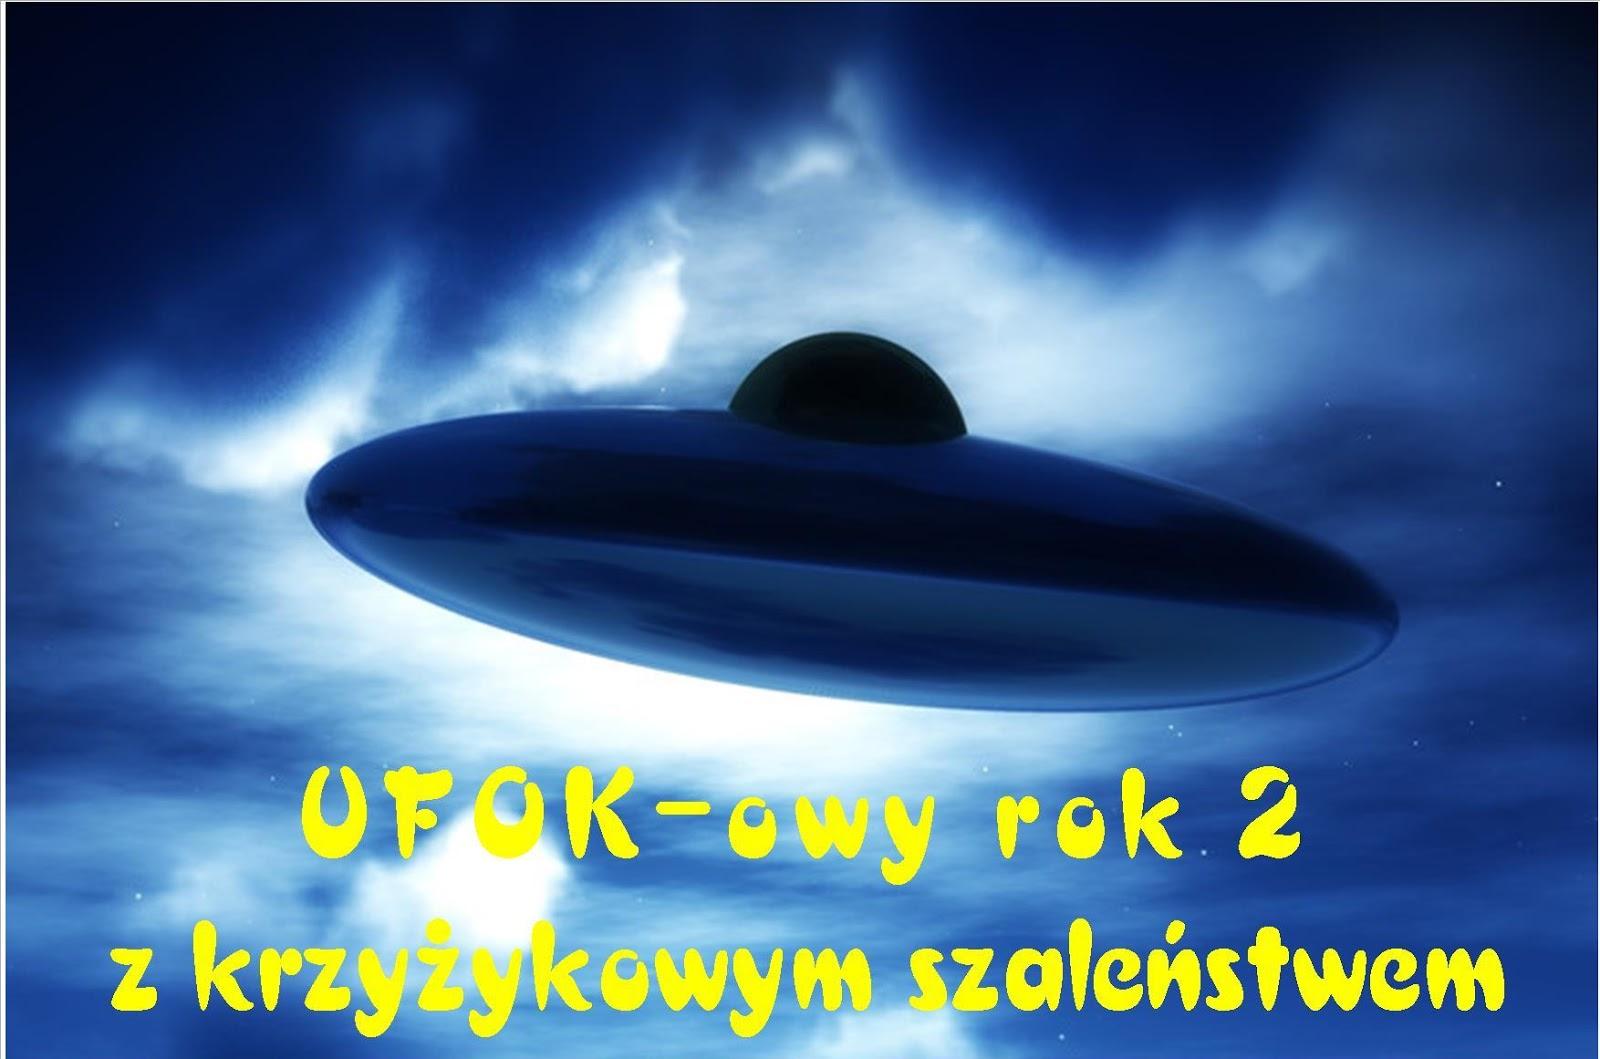 Walczymy z ufokami razem z Kasią:)